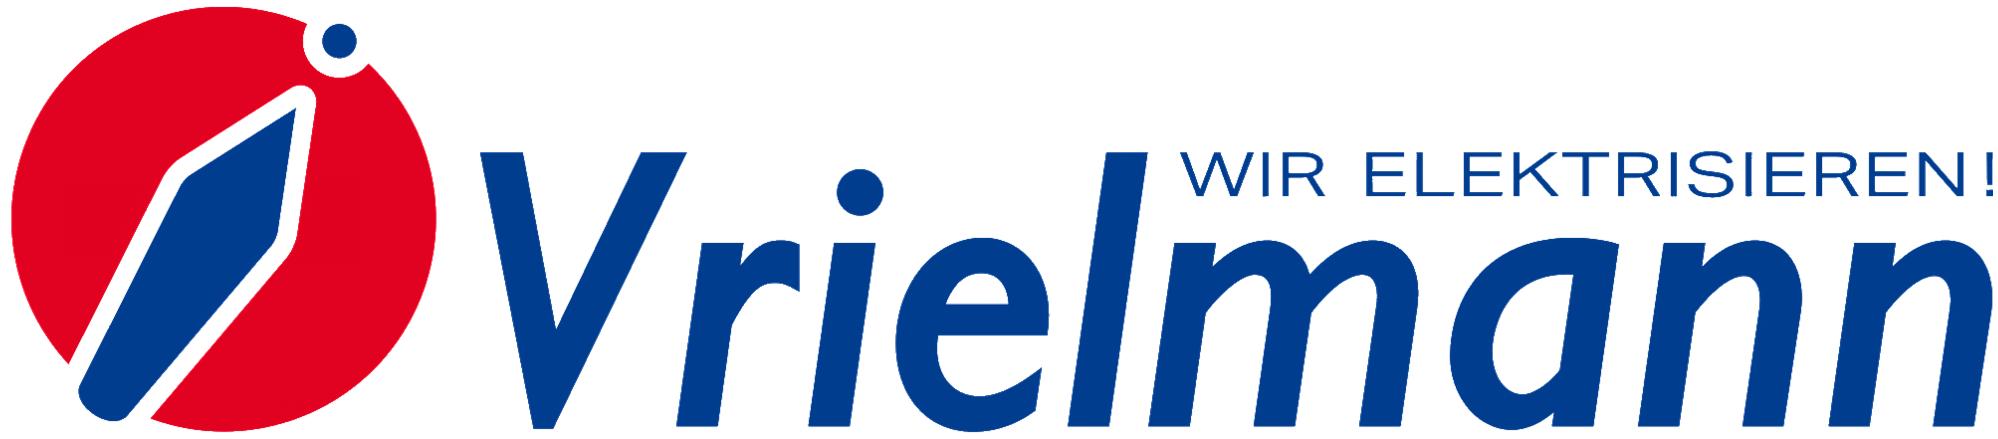 Vrielmann GmbH